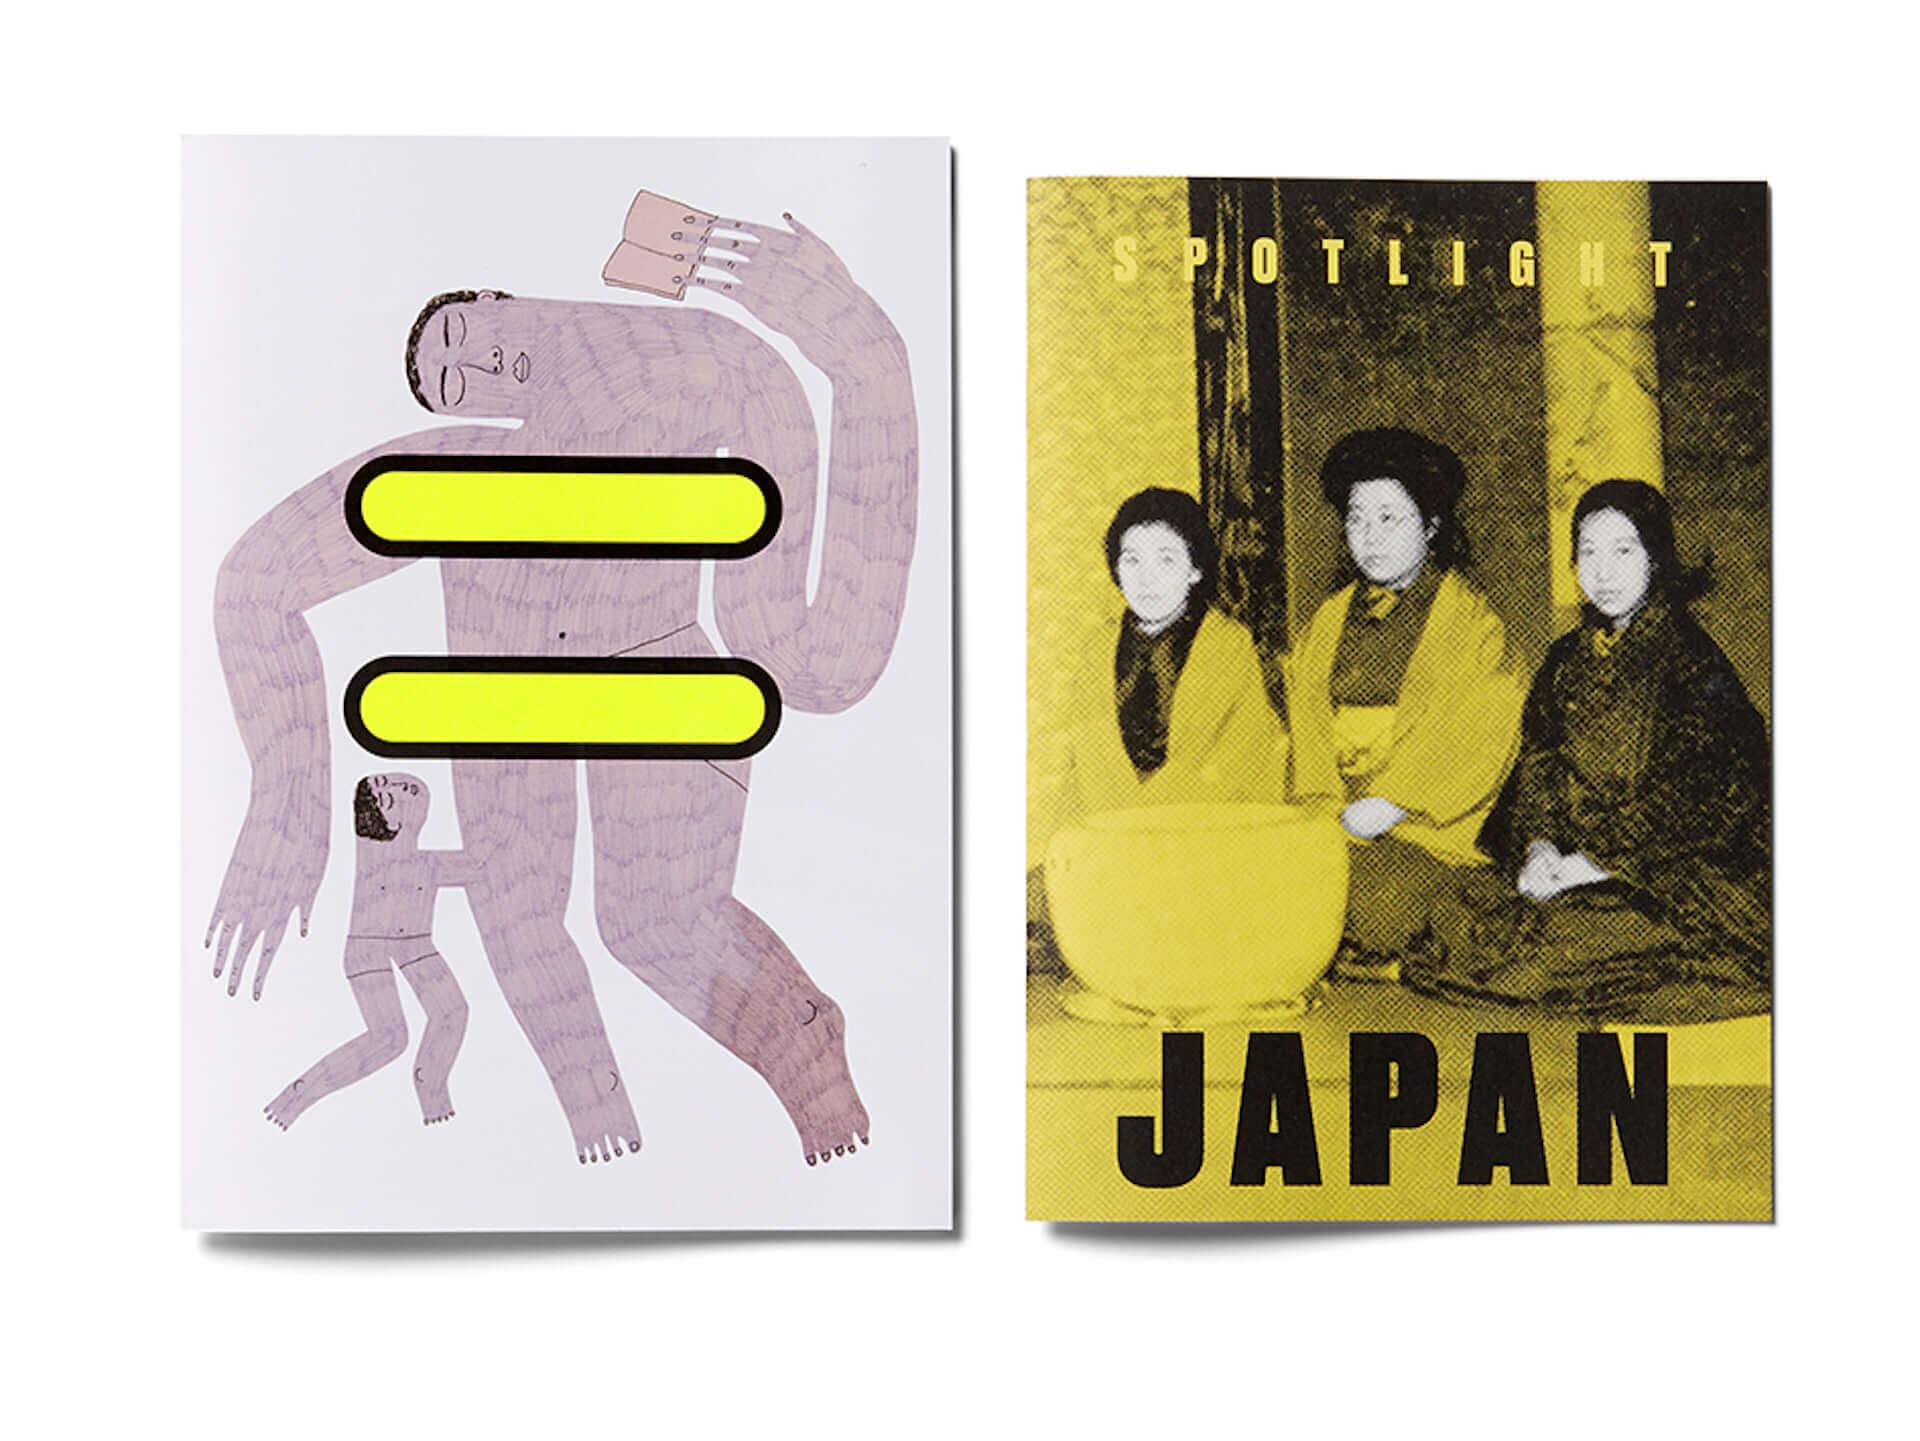 グッチのプロジェクト「CHIME FOR CHANGE」がZINE『CHIME』最新号を発行!日本のフェミニズム、ジェンダー、自己表現を特集 lf201022_gucci_5-1920x1441